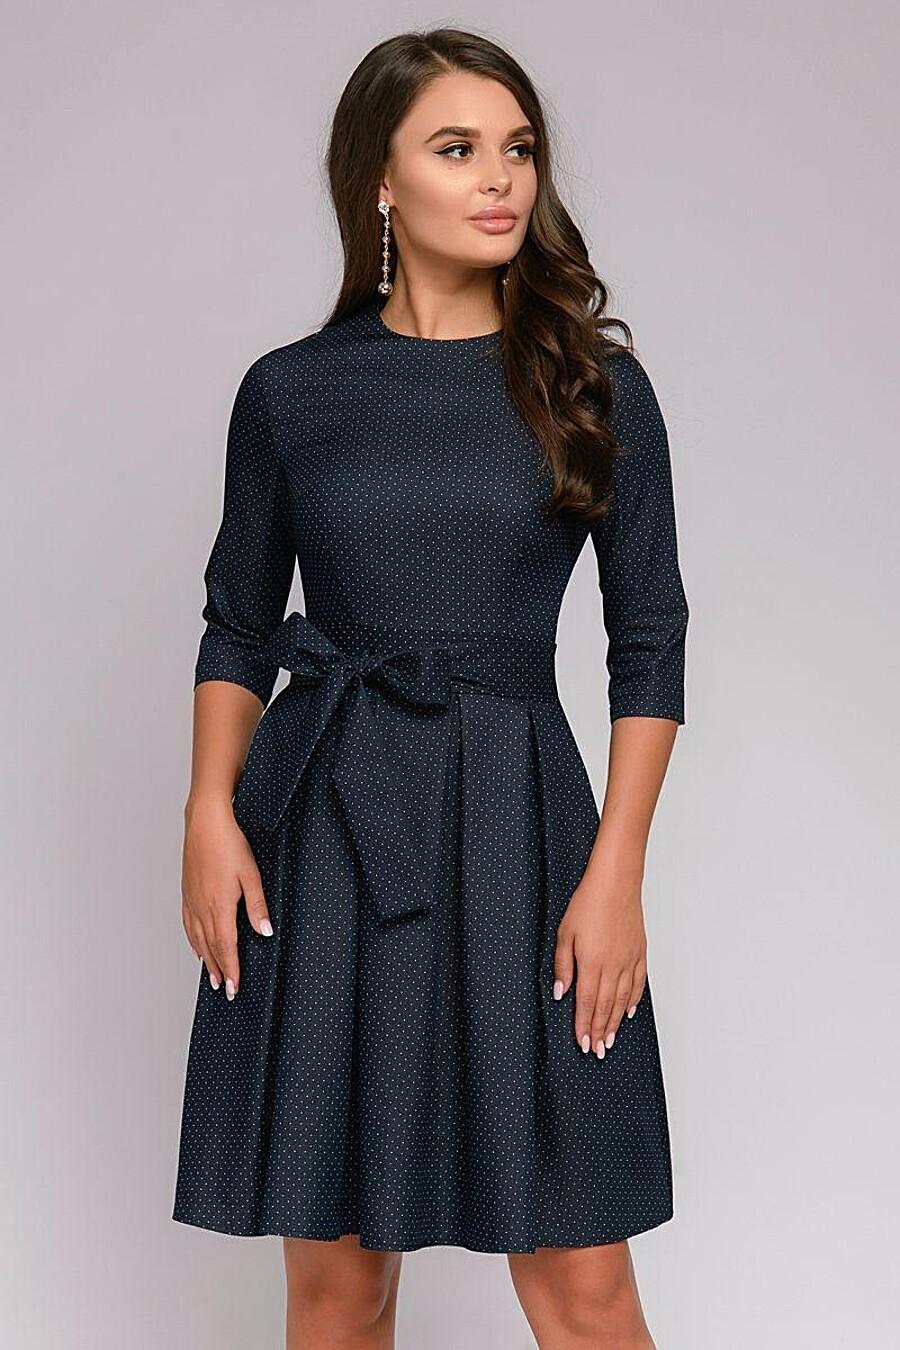 Платье для женщин 1001 DRESS 147657 купить оптом от производителя. Совместная покупка женской одежды в OptMoyo